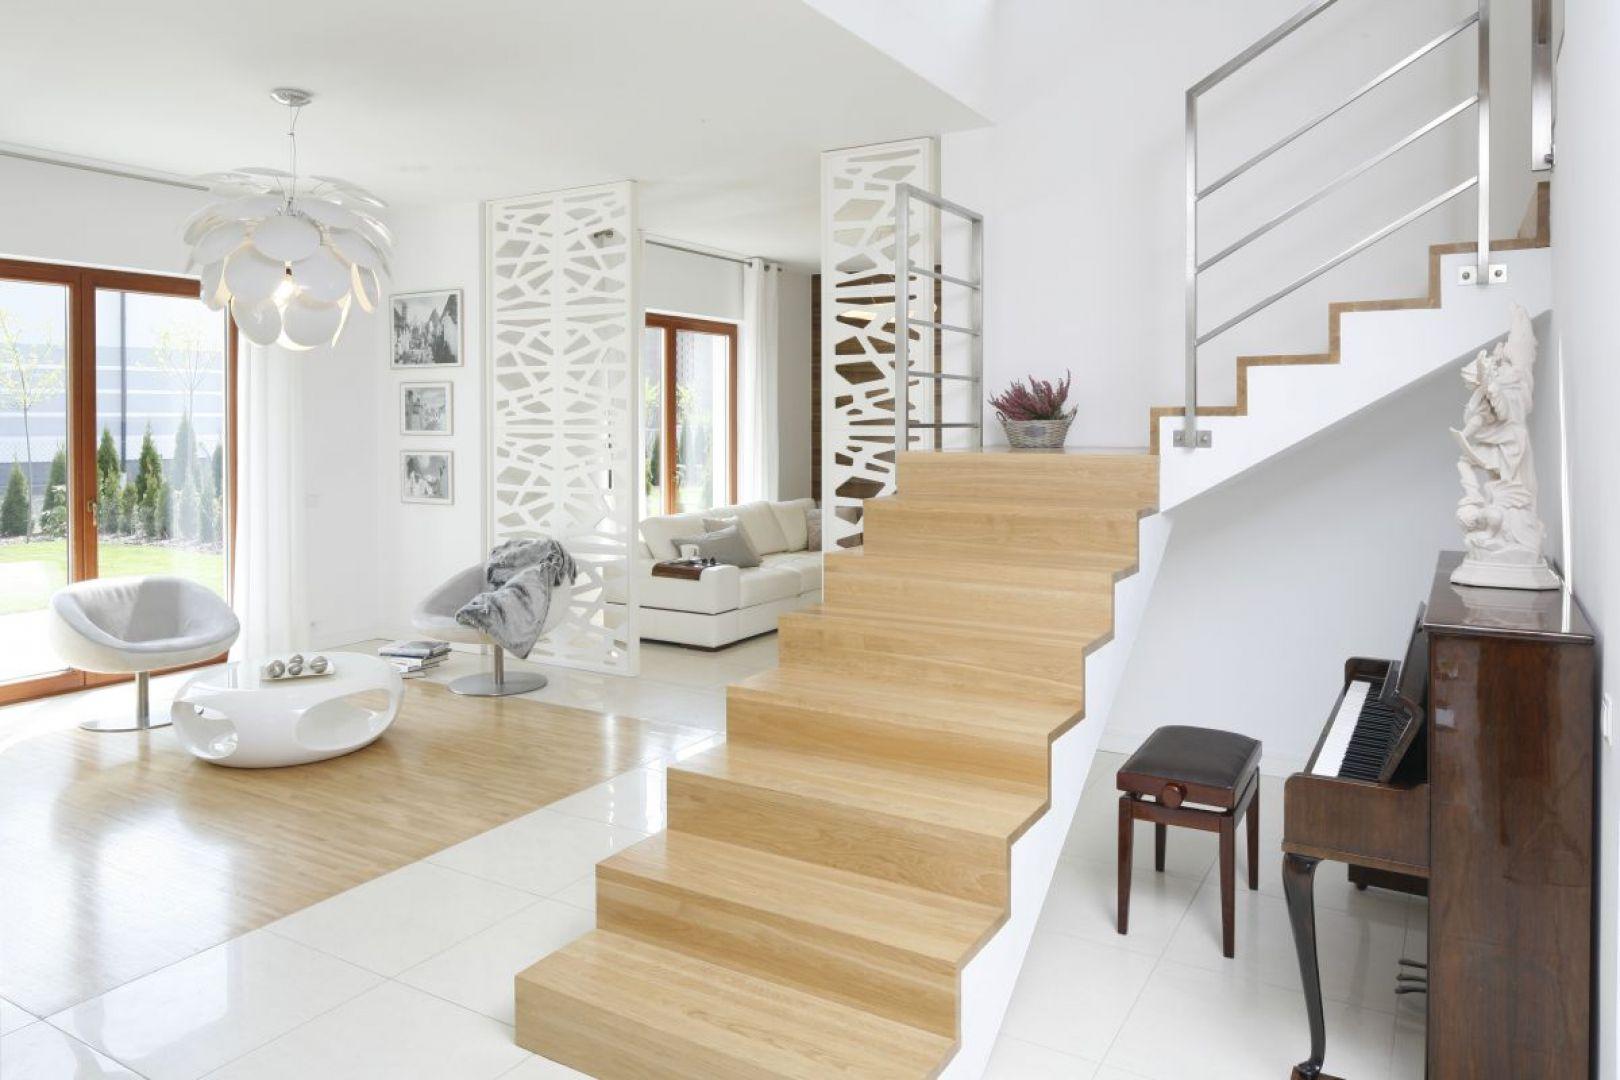 Piękne dwubiegowe schody, których stopnie wykończono tym samym gatunkiem drewna, co podłogę w salonie. Ich słomkowy kolor przepięknie komponuje się z białym wnętrzem. Proj. Agnieszka Ludwinowska, Fot. Bartosz Jarosz